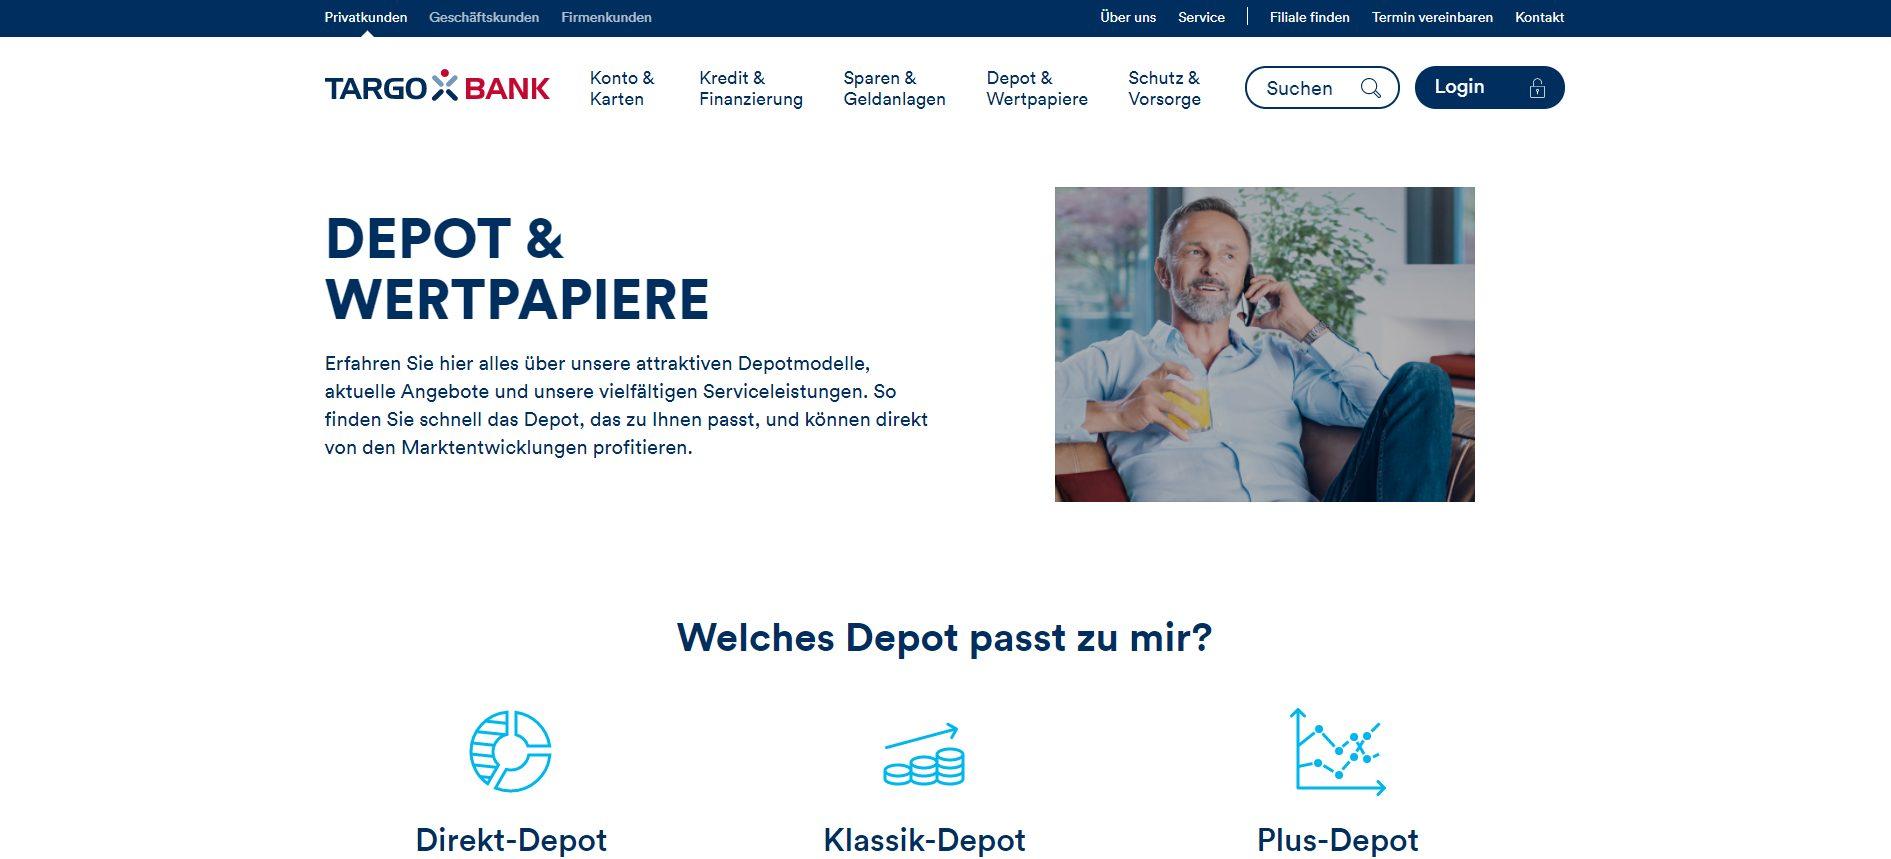 Webseite von Targobank Depot